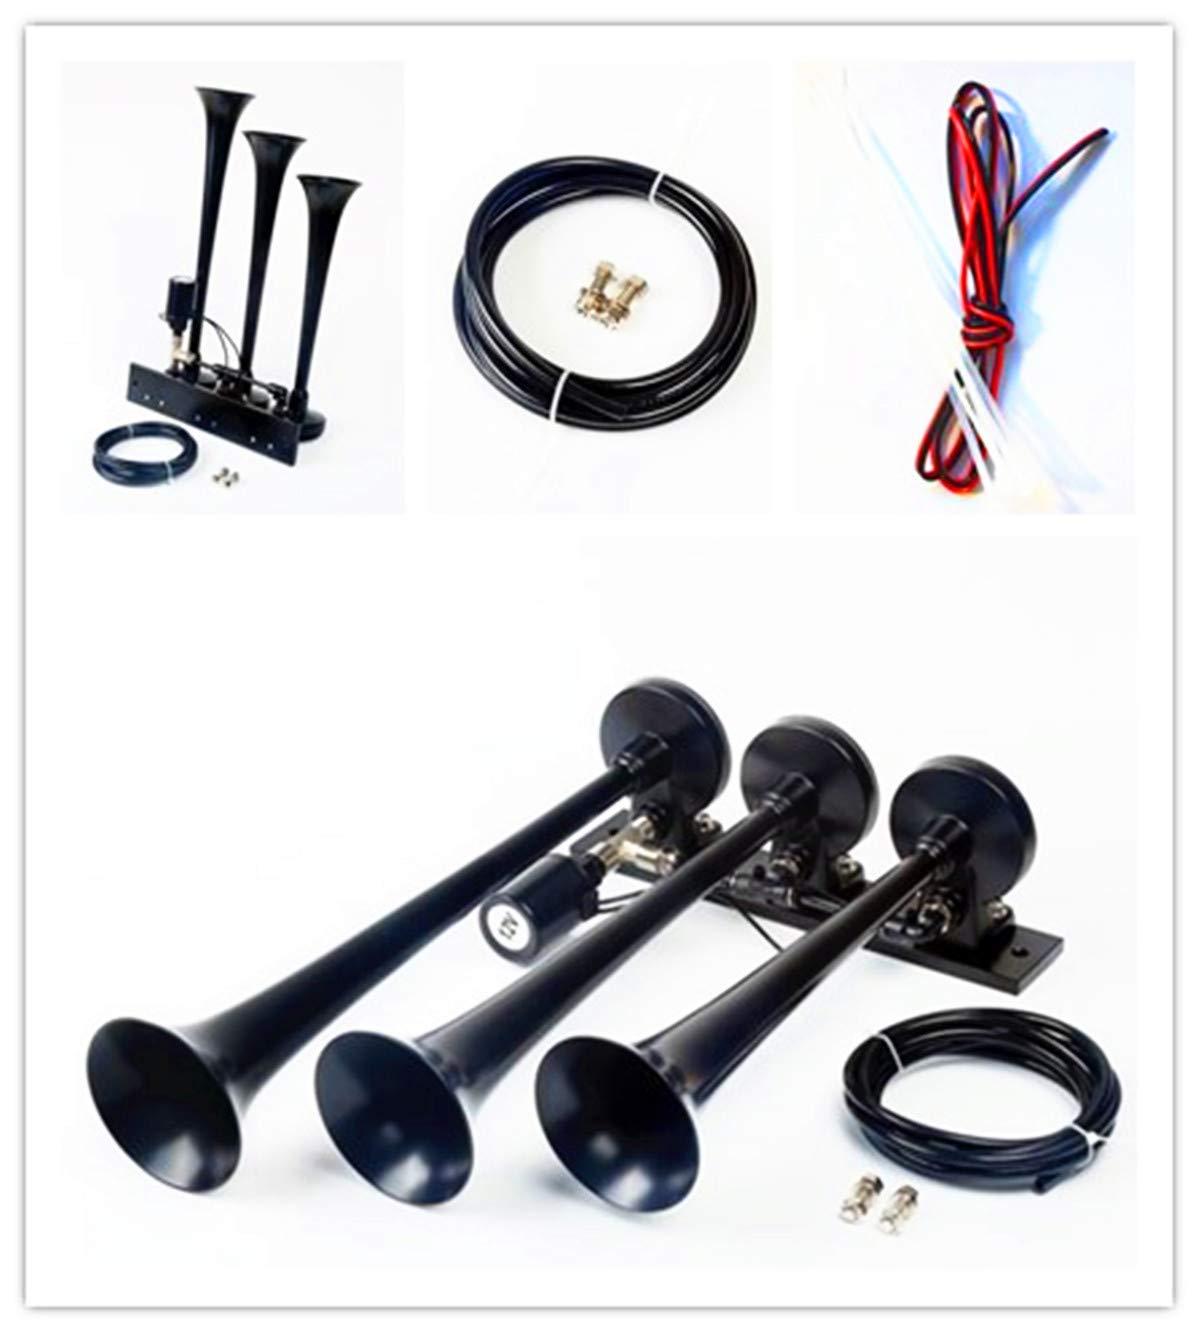 tres tubos negros para cualquier veh/ículo de 12 V 24 V cami/ón Lorrys barcos V/álvula de solenoide para bocina de aire con control electr/ónico furgonetas de coche